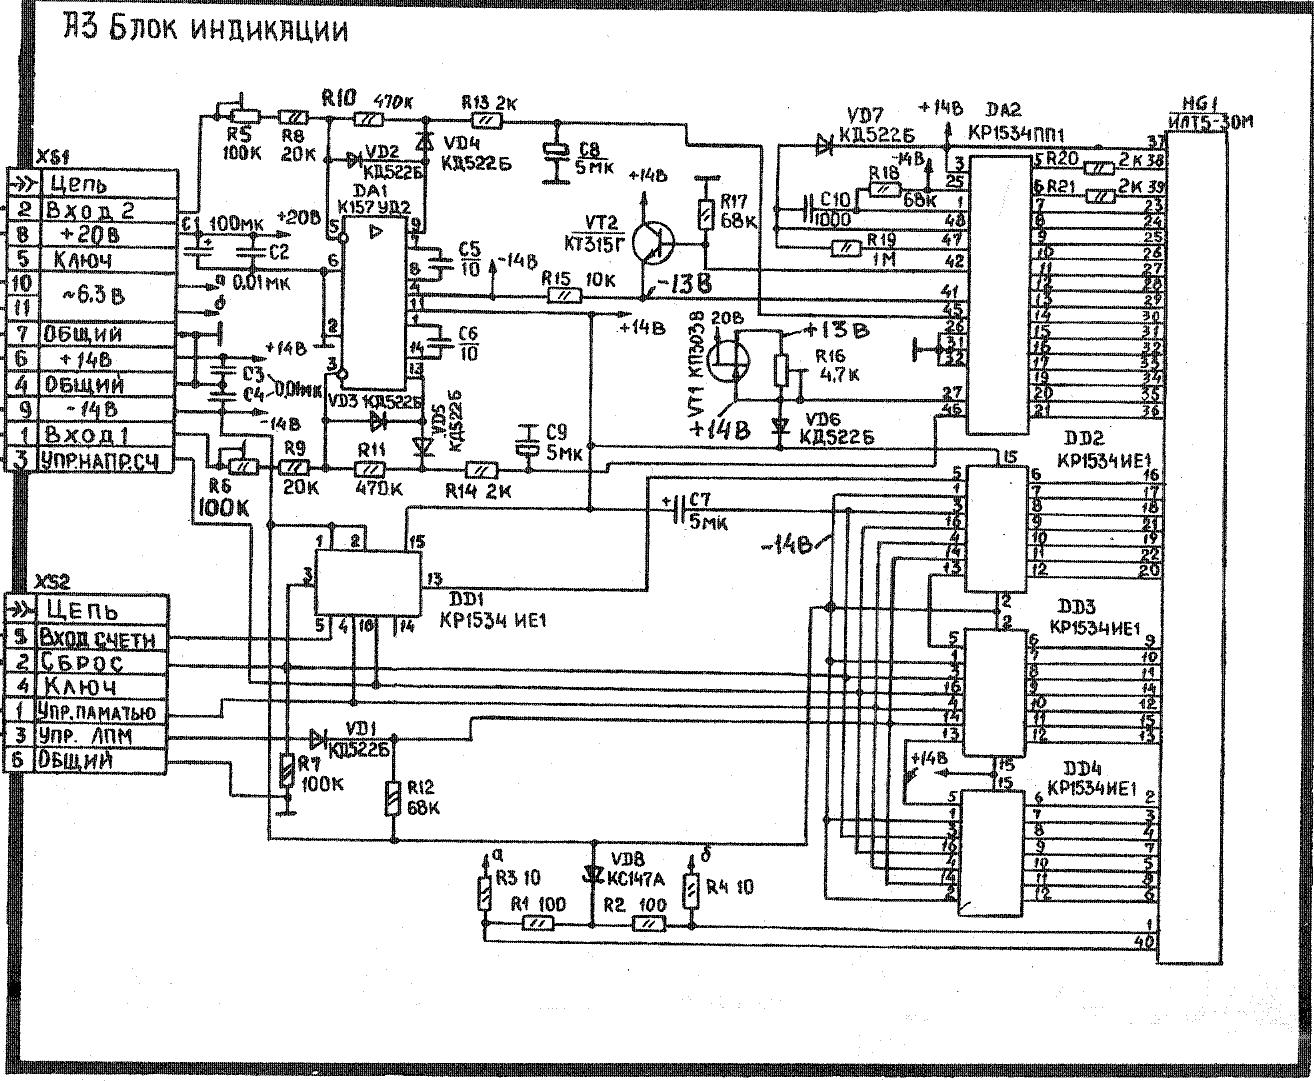 h схему radiotehnika мп 7301 стерео